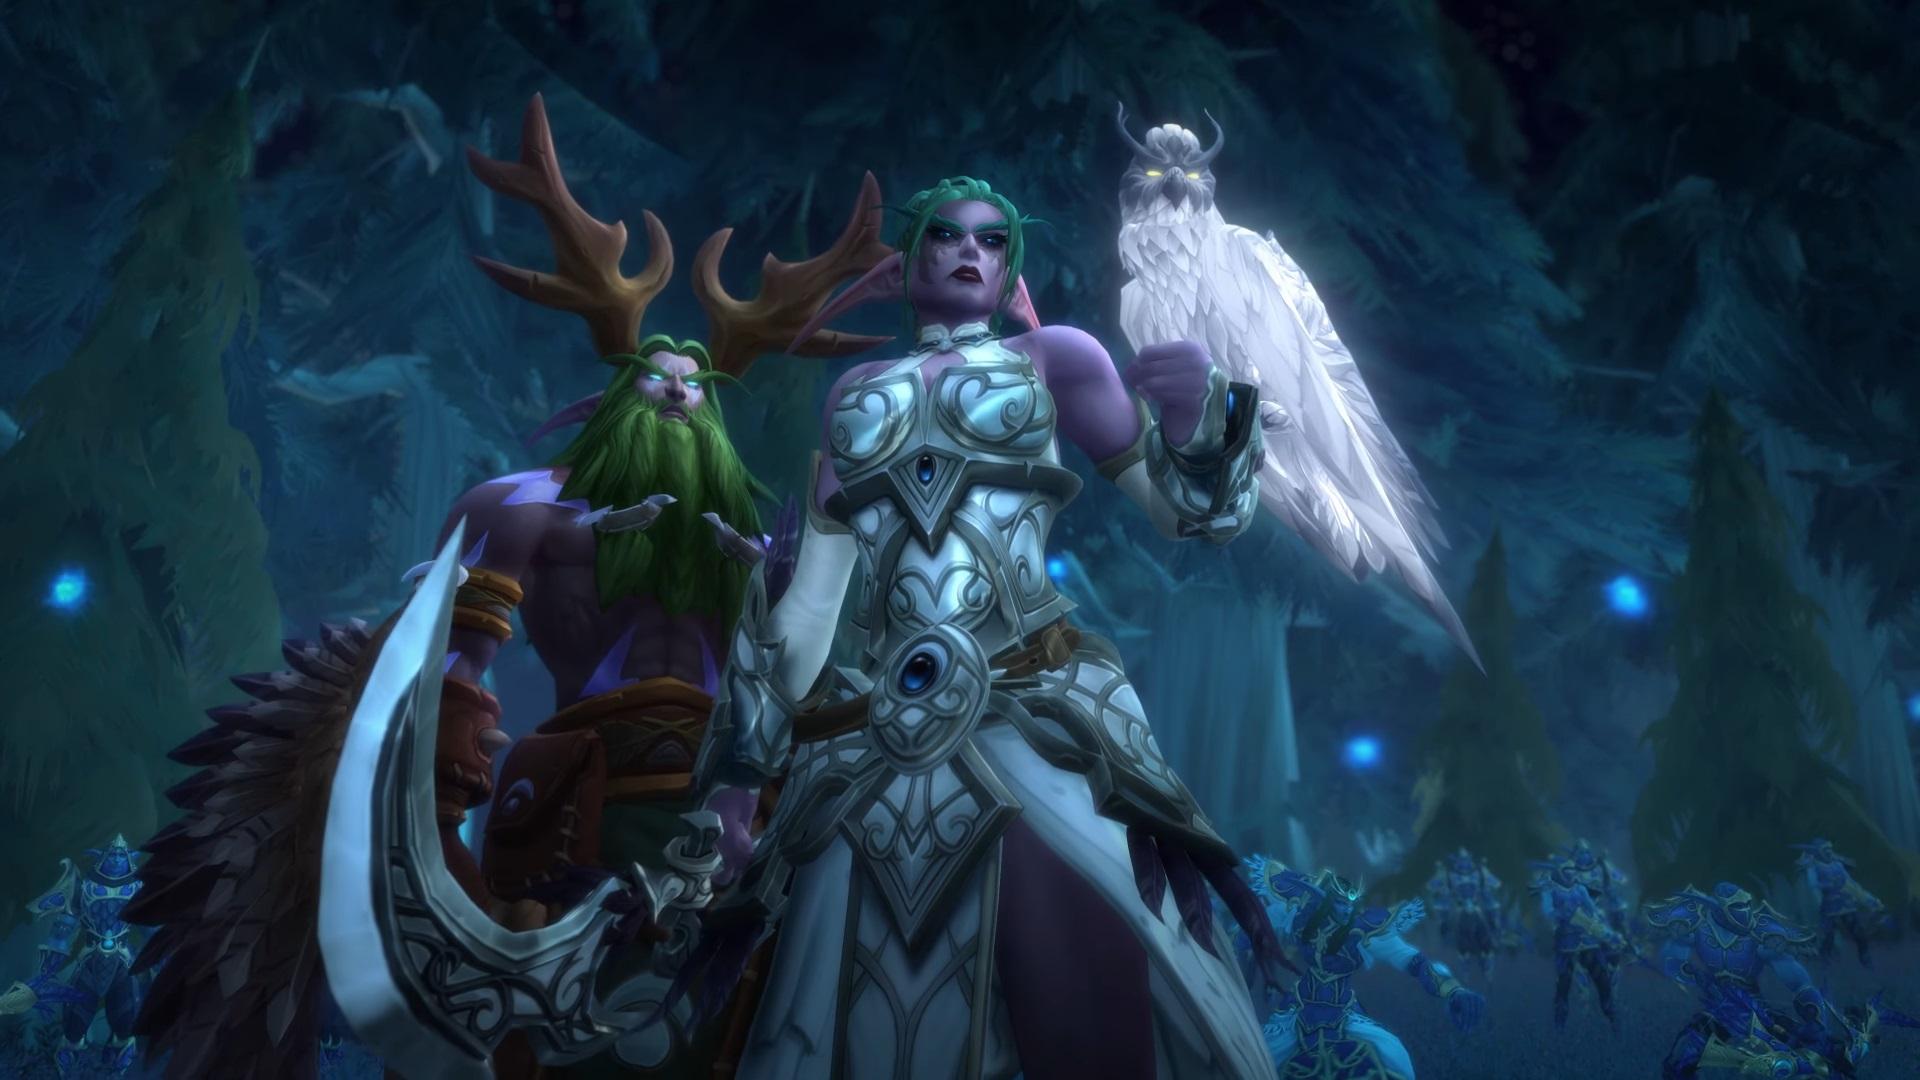 WoW Tyrande Malfurion Angry Night elves